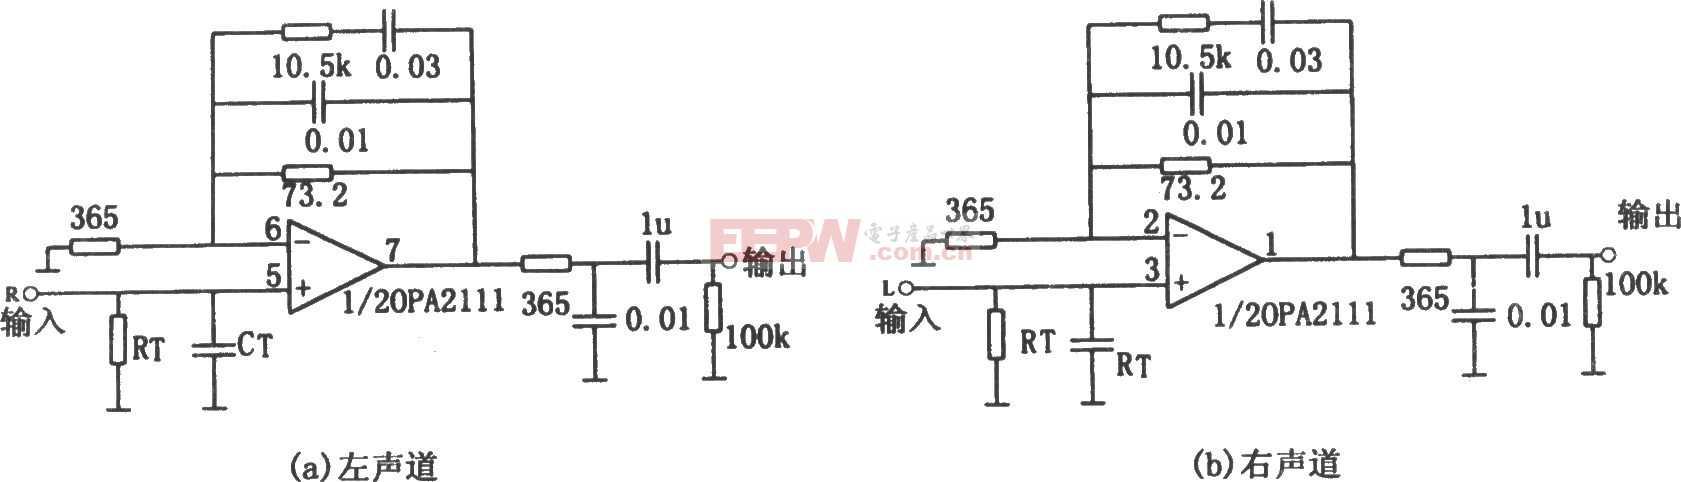 OPA2111構成的均衡立體聲前置放大電路